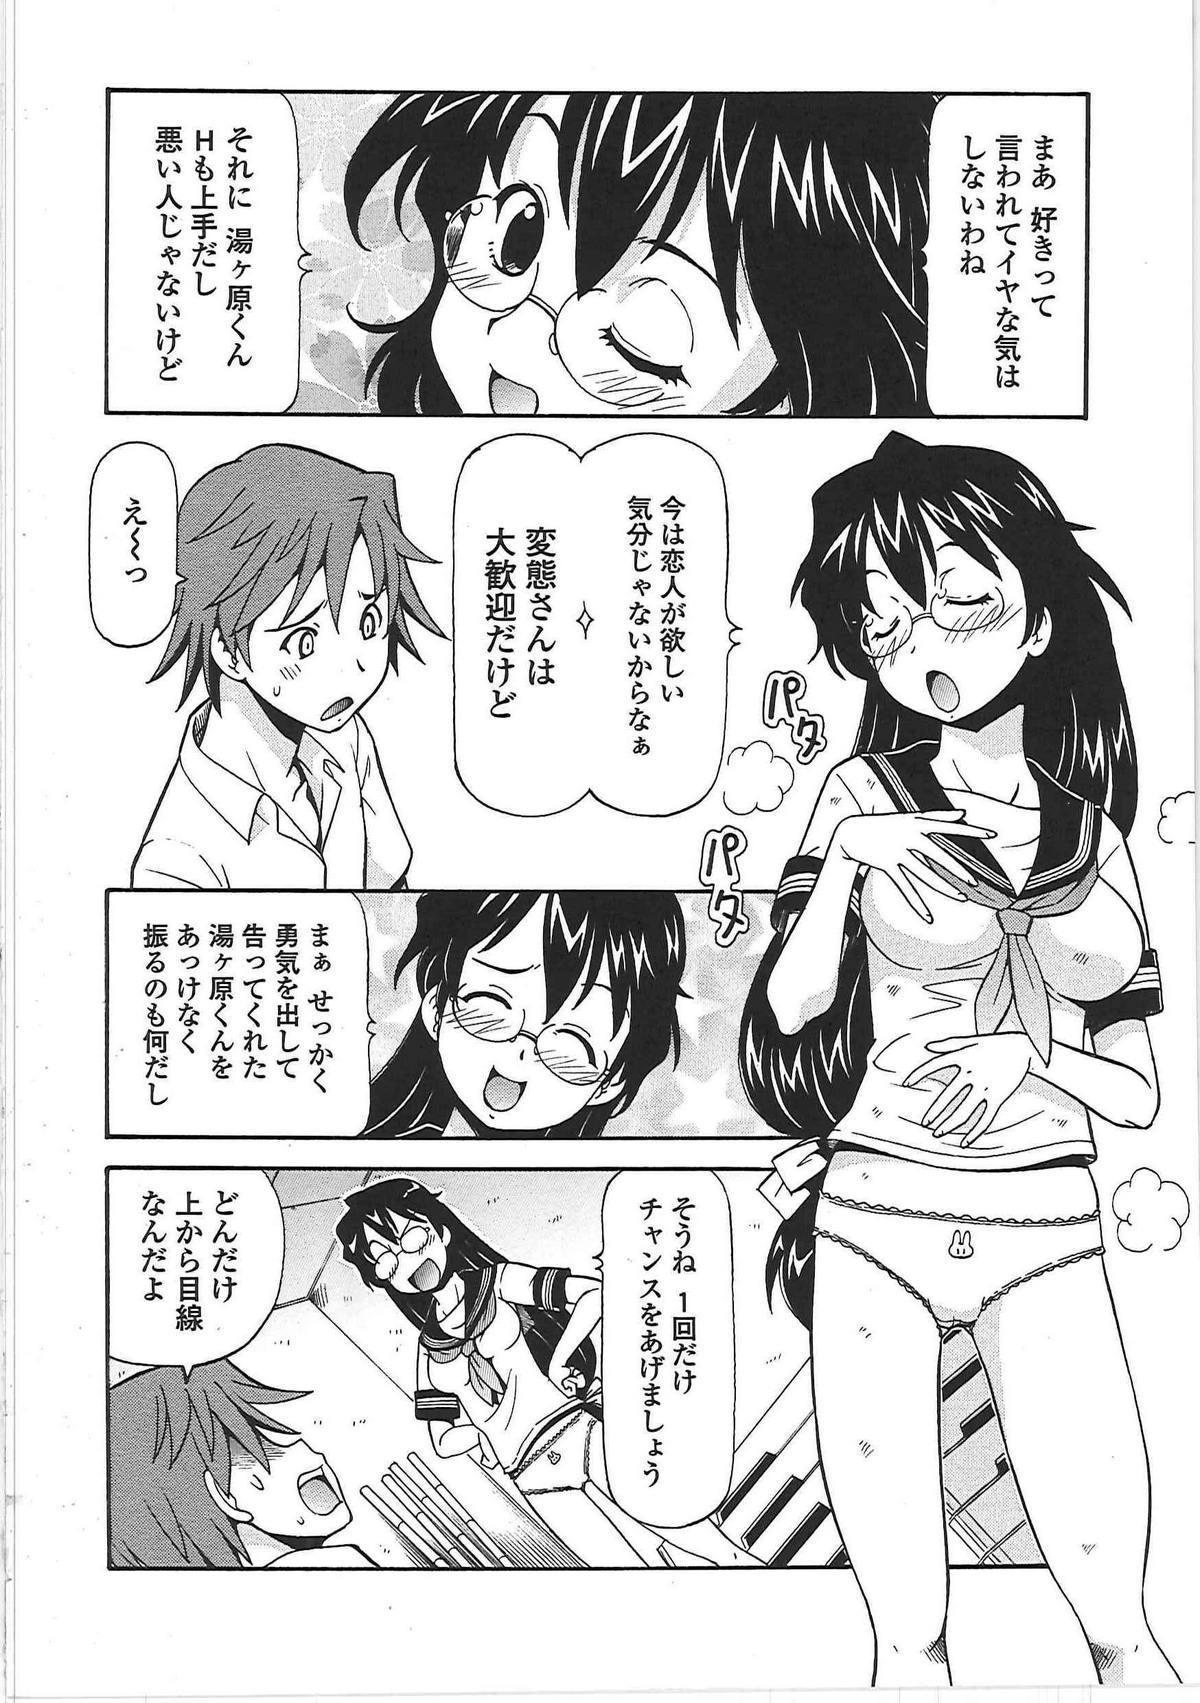 Hentai Iinchou 96